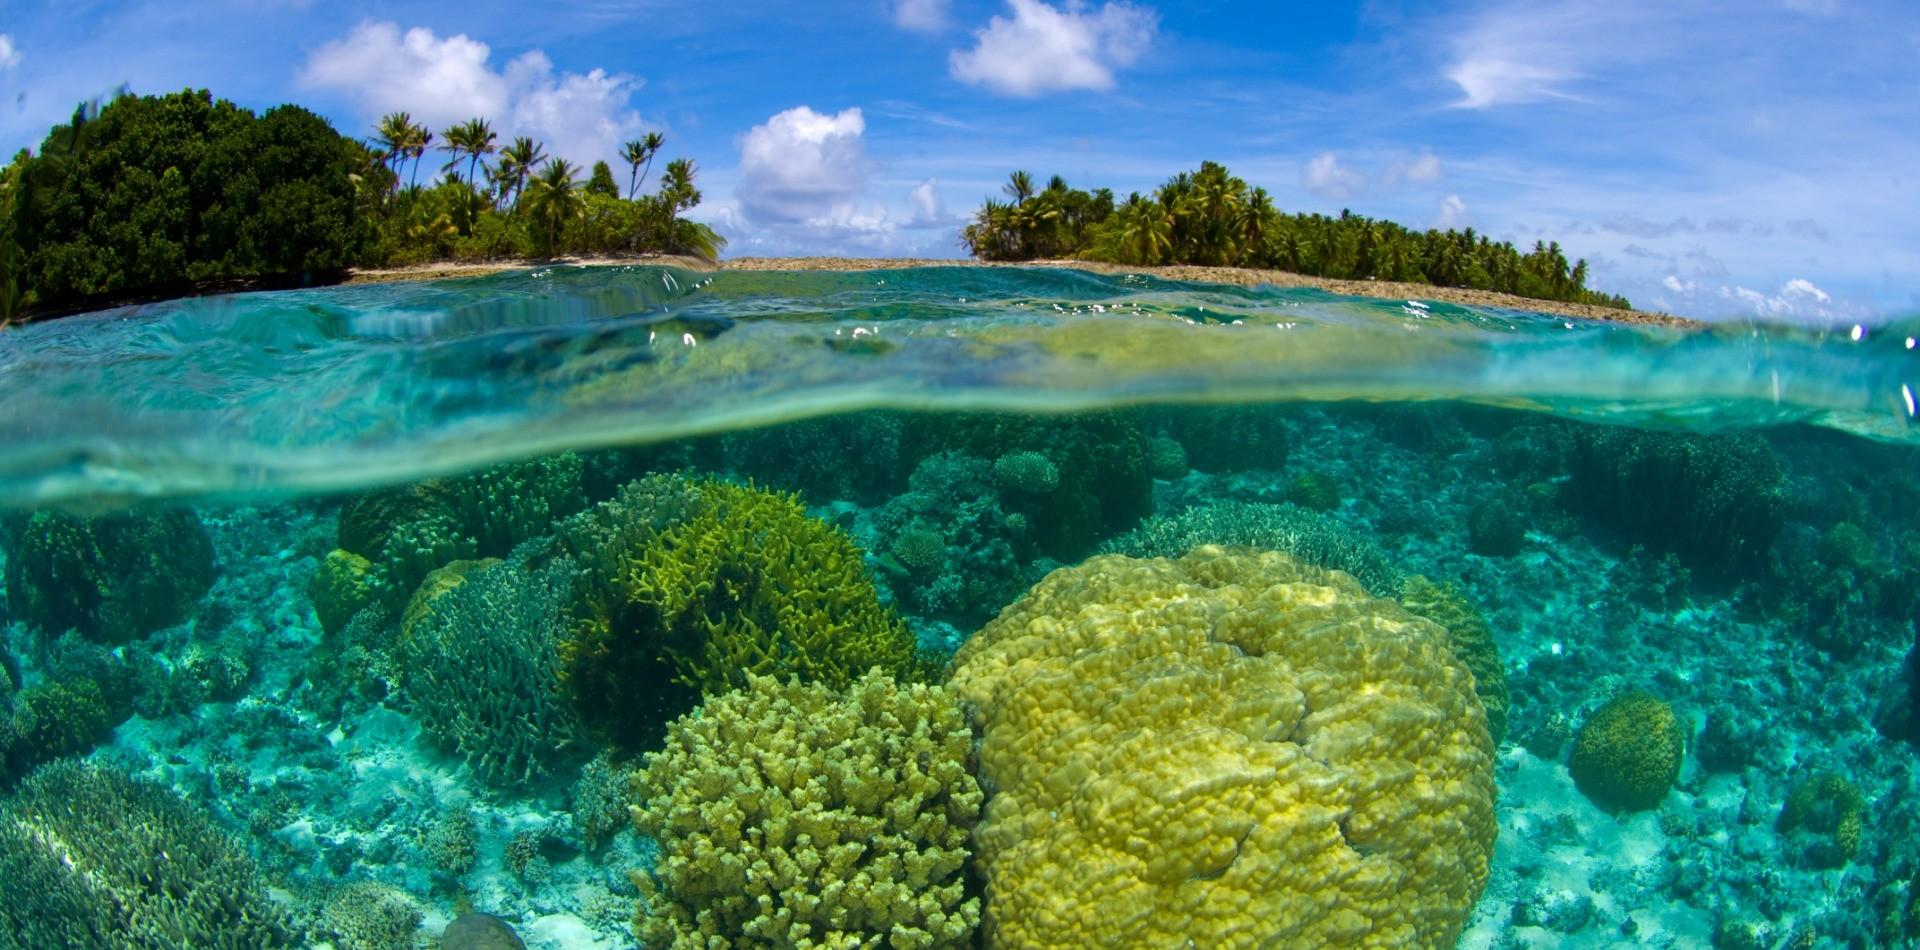 Perry island bikini atoll